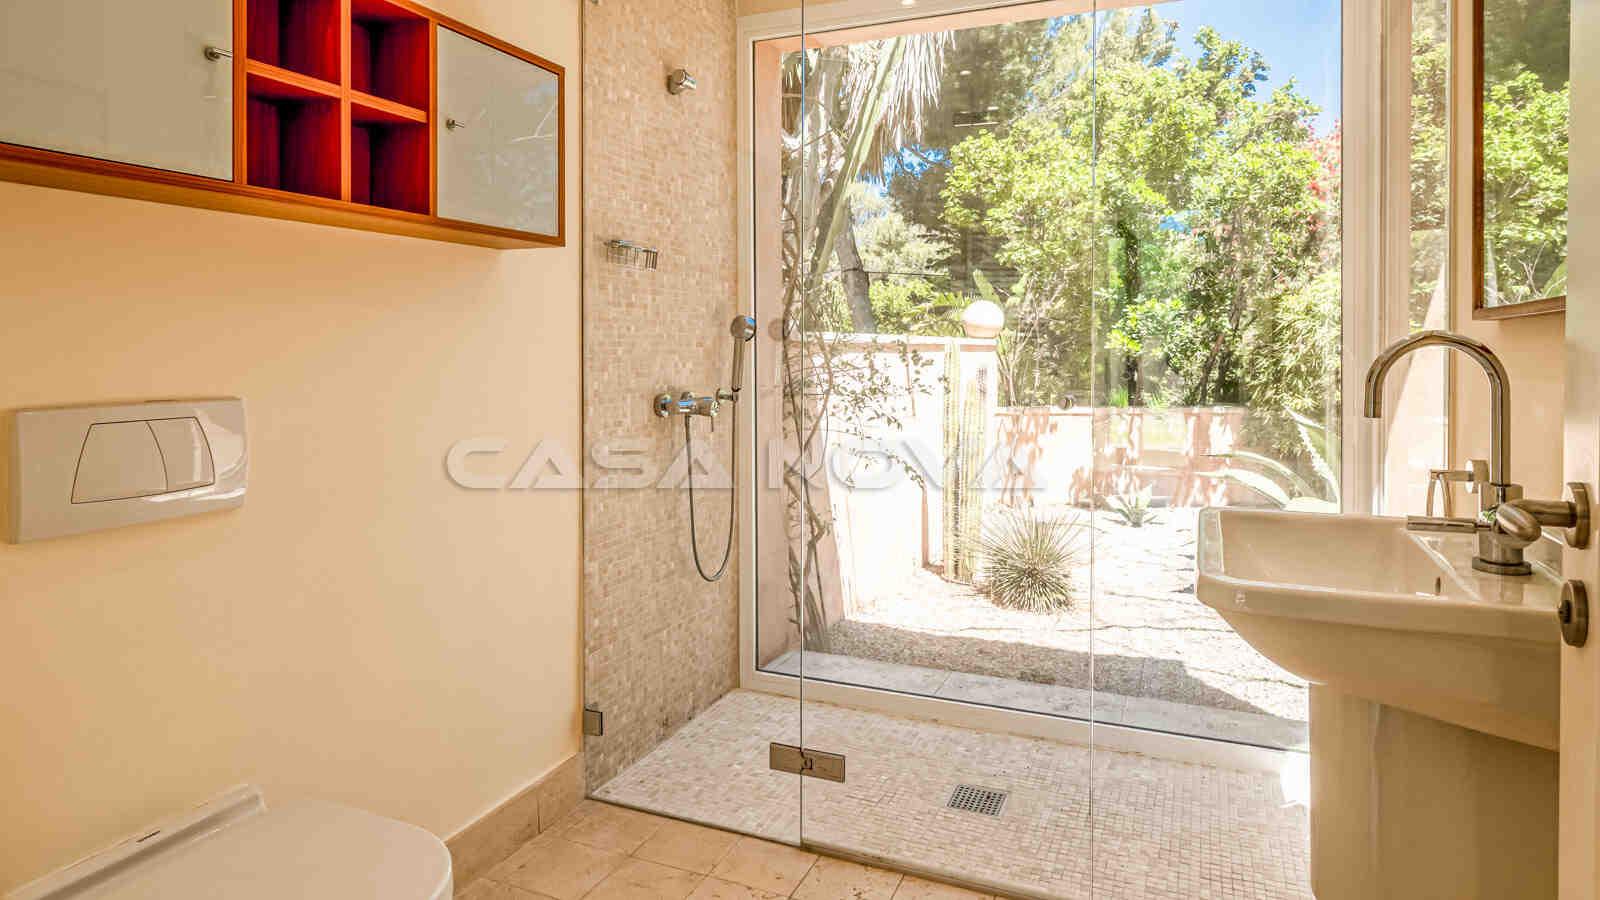 Ref. 2411261 - Beeindruckende Architekten- Villa mit mediterranem Flair